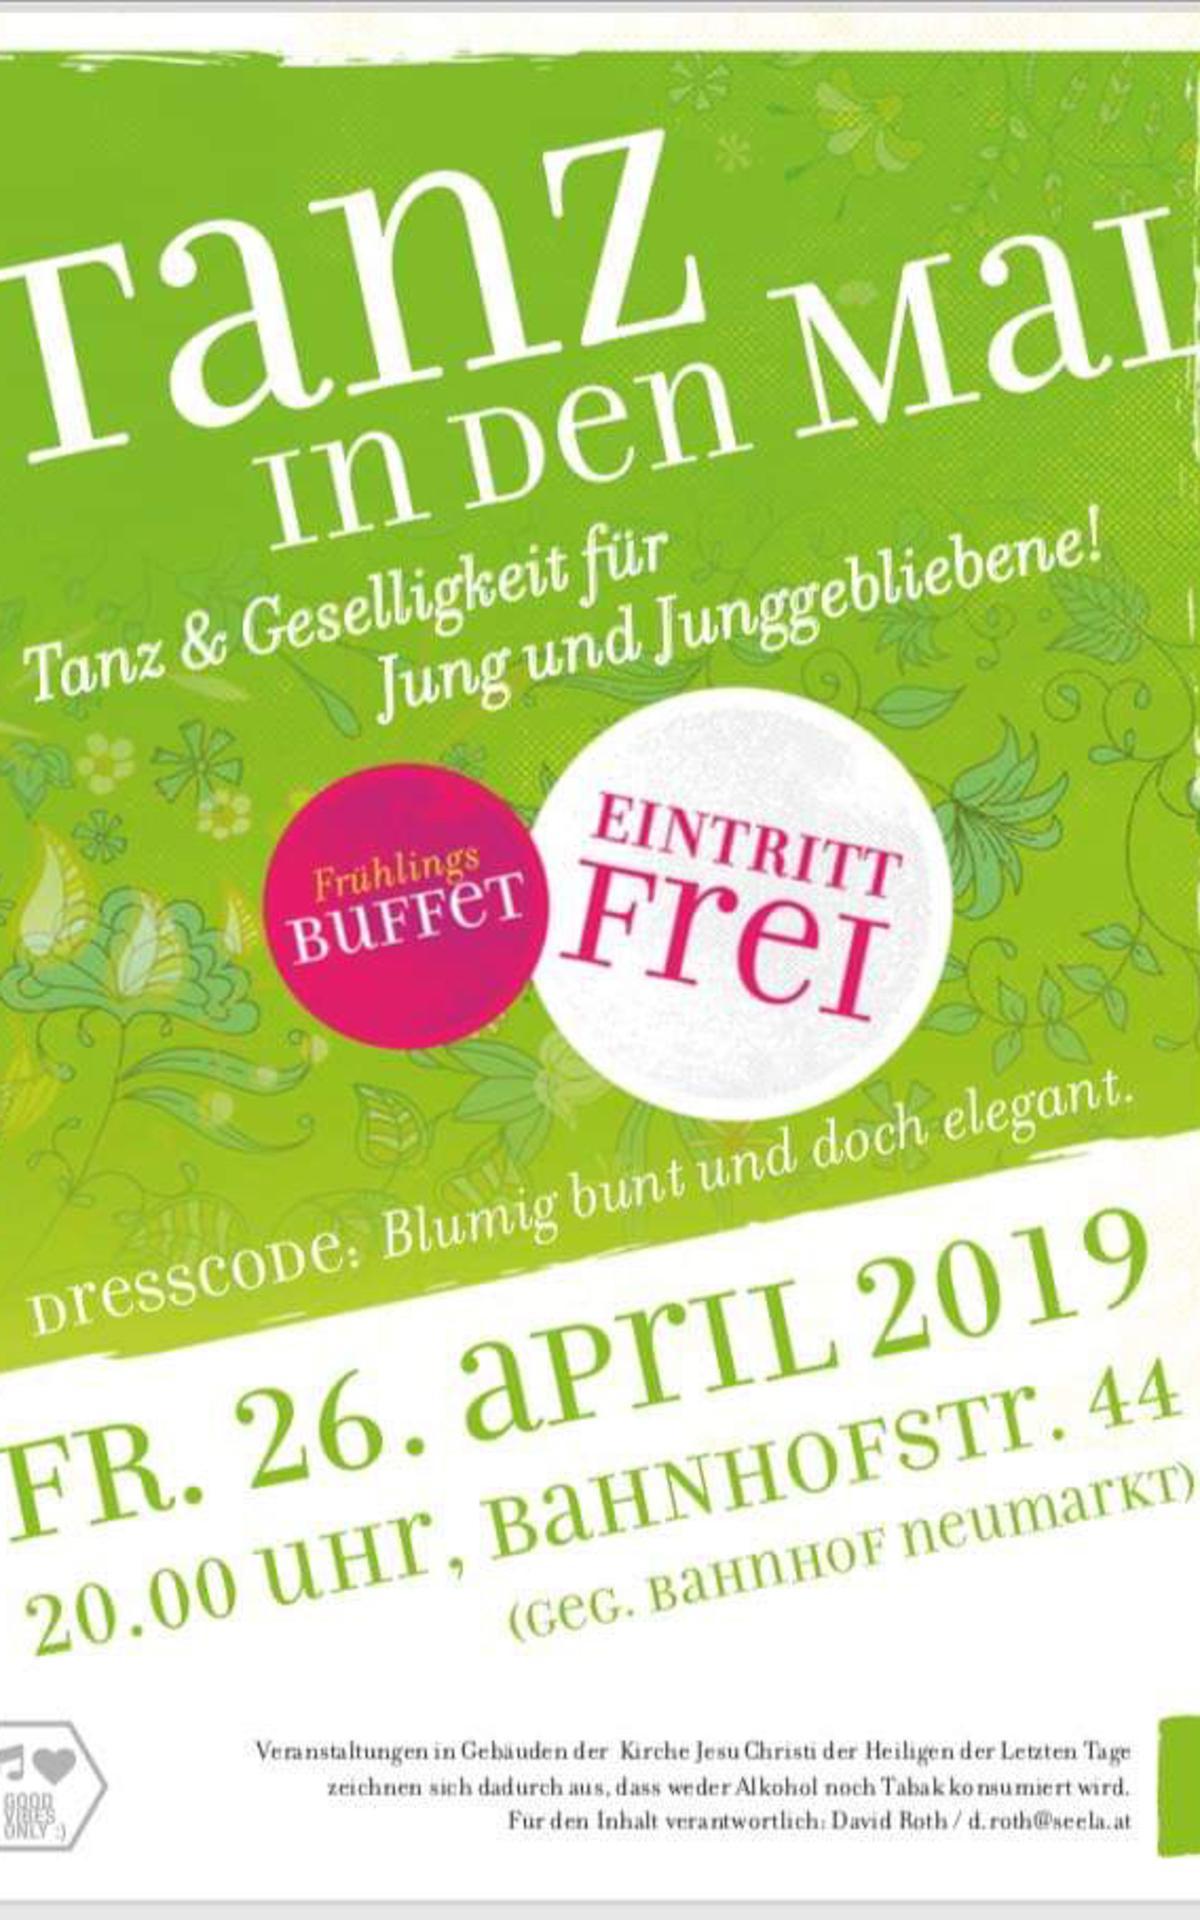 Am 26. April 2019 lädt die Gemeinde Neumarkt Jung und Alt zu einem Tanzabend